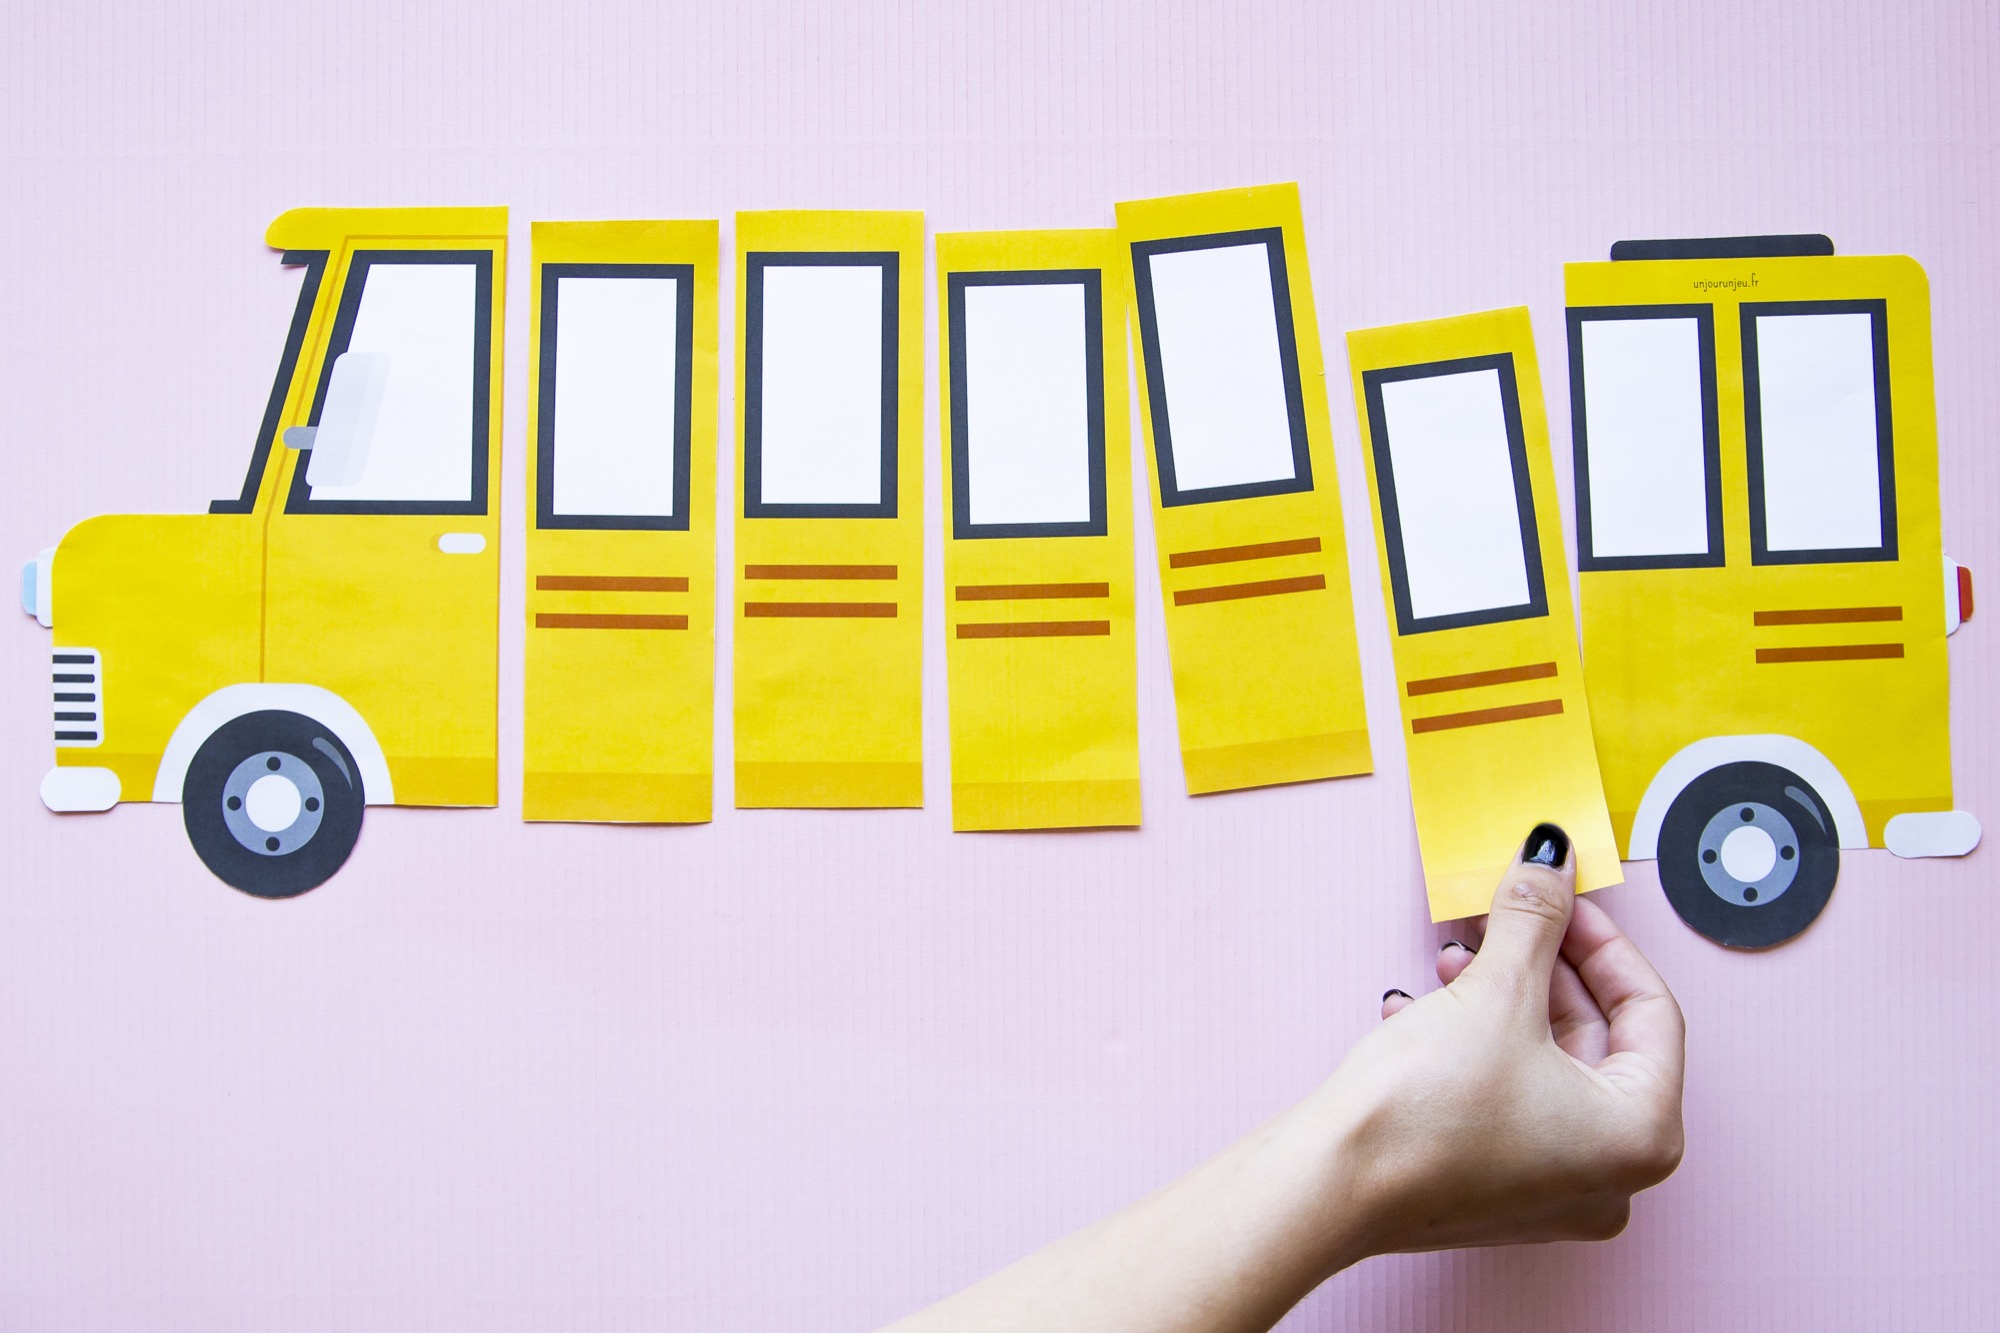 Fiche prénom bus scolaire - étape 4